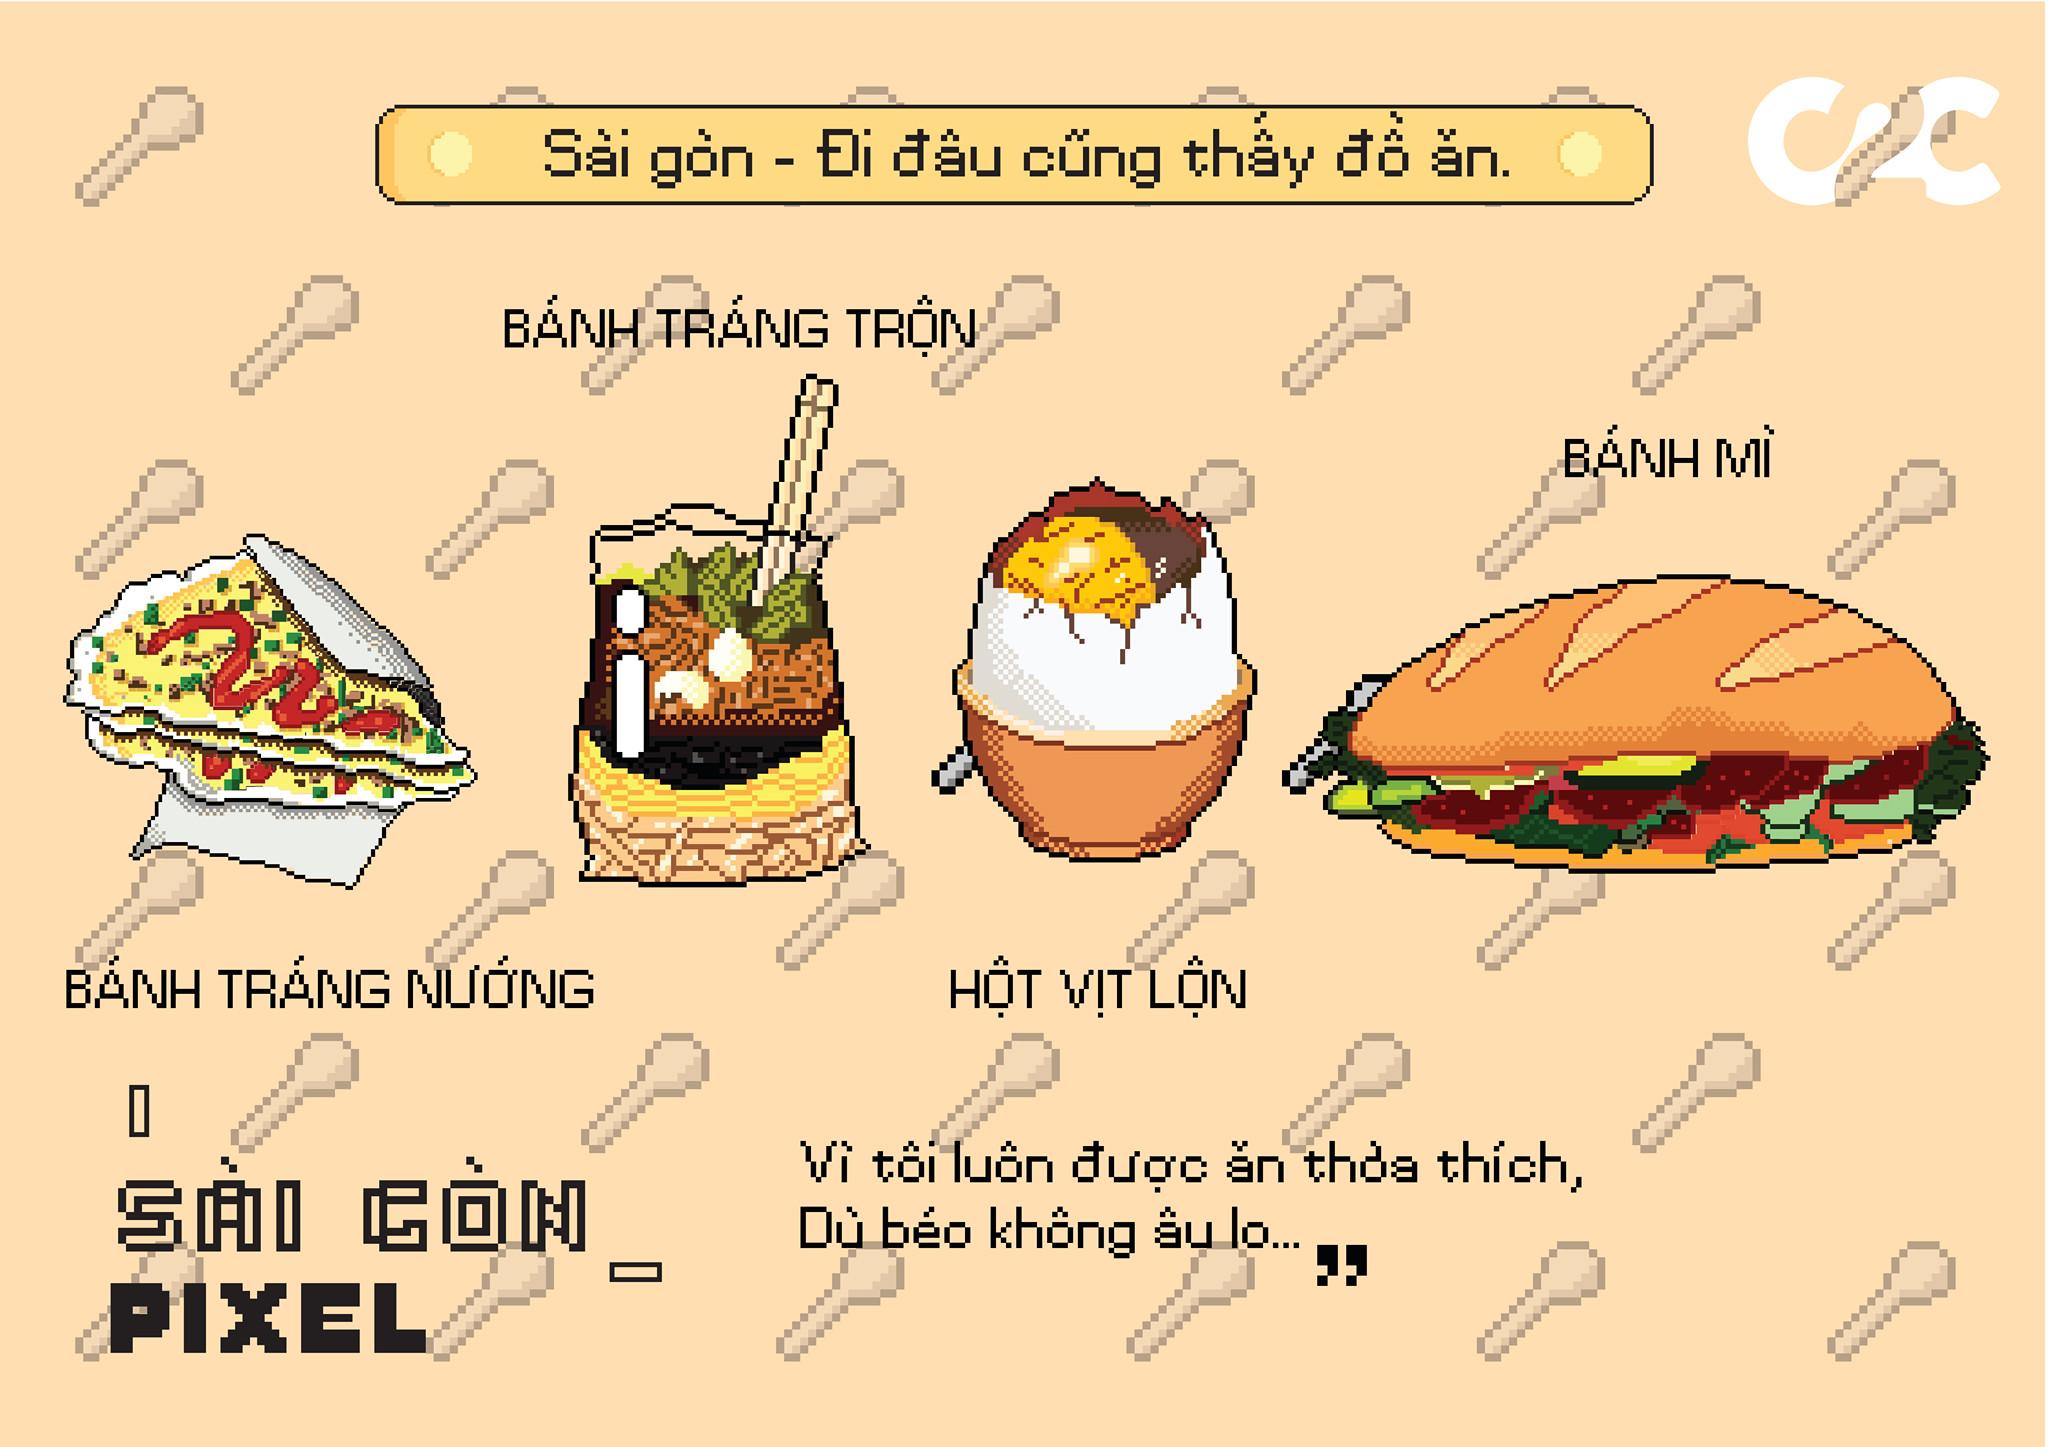 SÀI GÒN_PIXEL: Yêu lắm, thương lắm những điều bình dị giữa lòng Sài Gòn phồn hoa